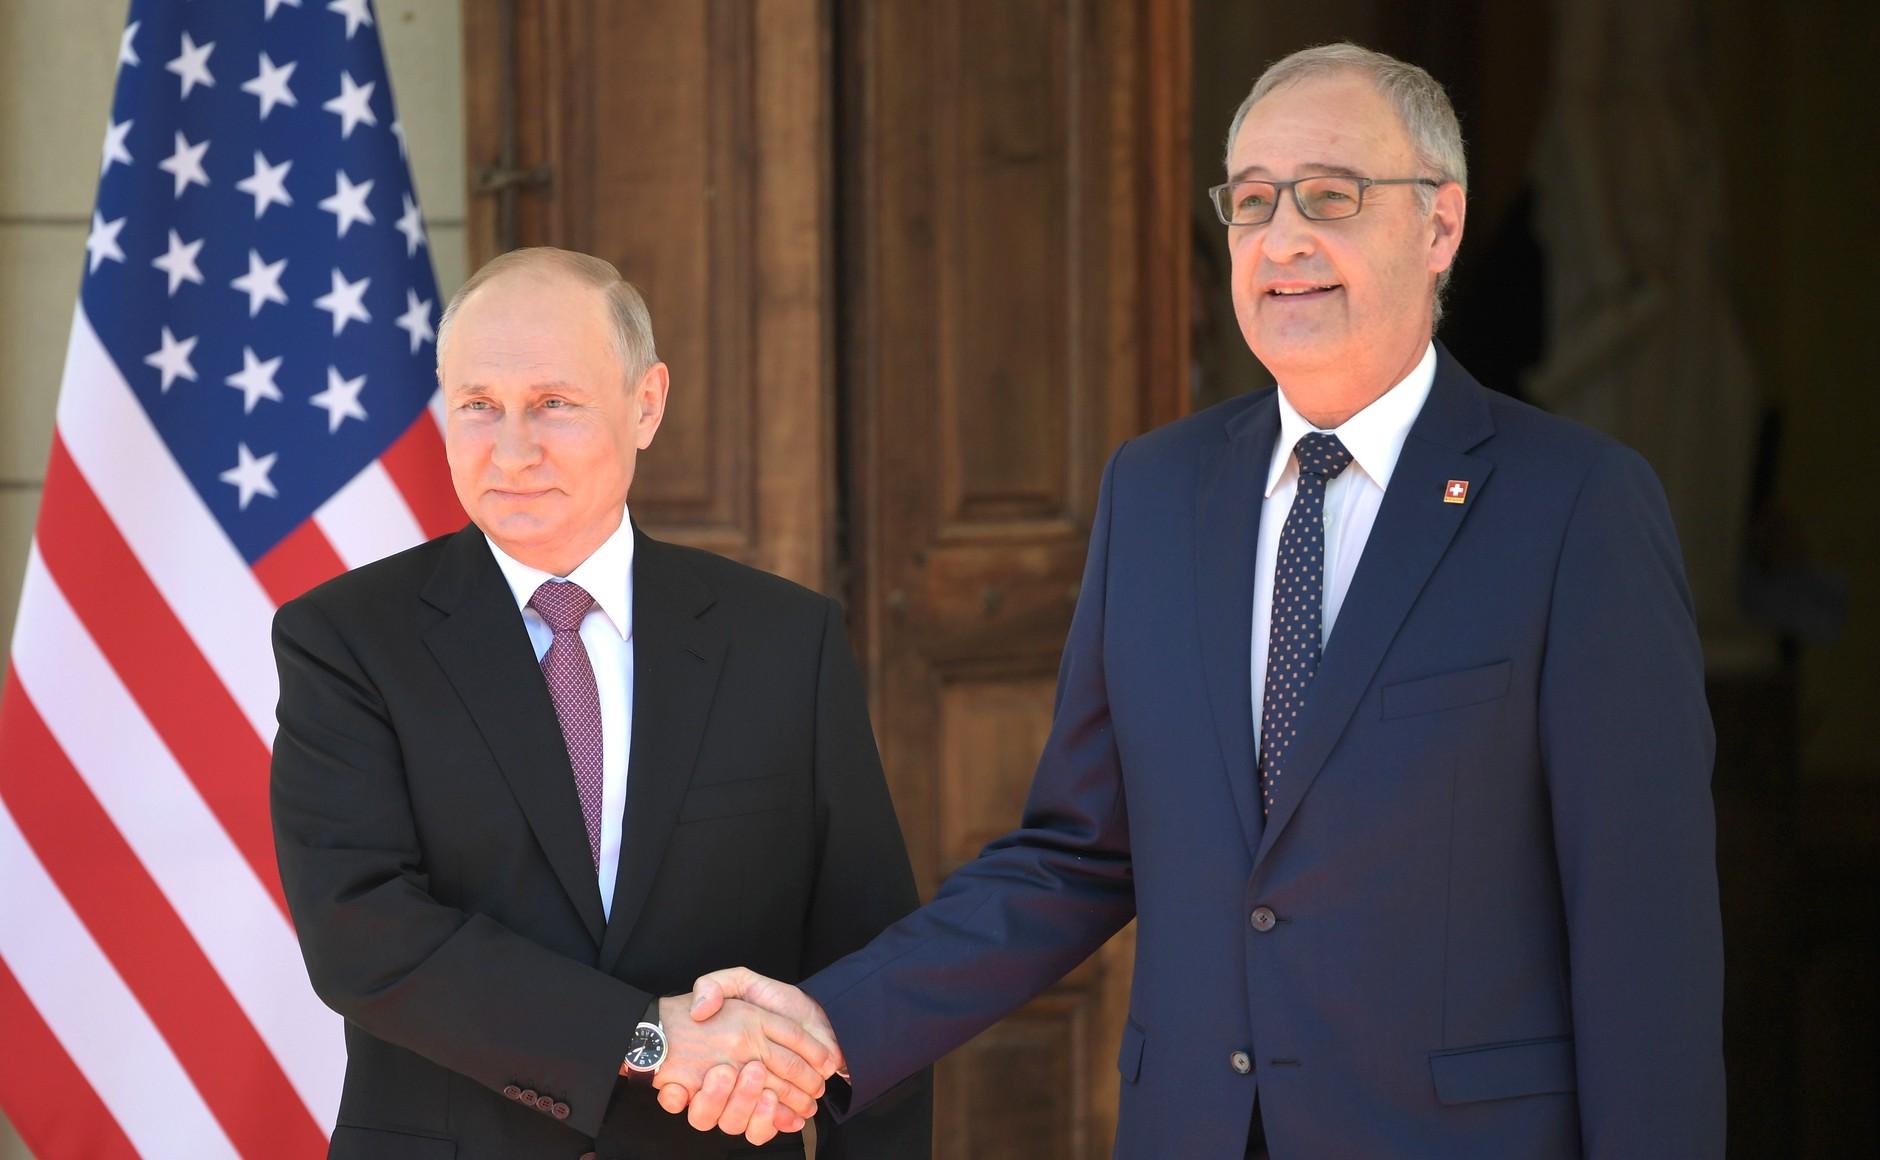 RUSSIE USA 1 X 15 Avec le président de la Confédération suisse Guy Parmelin. Photo TASS